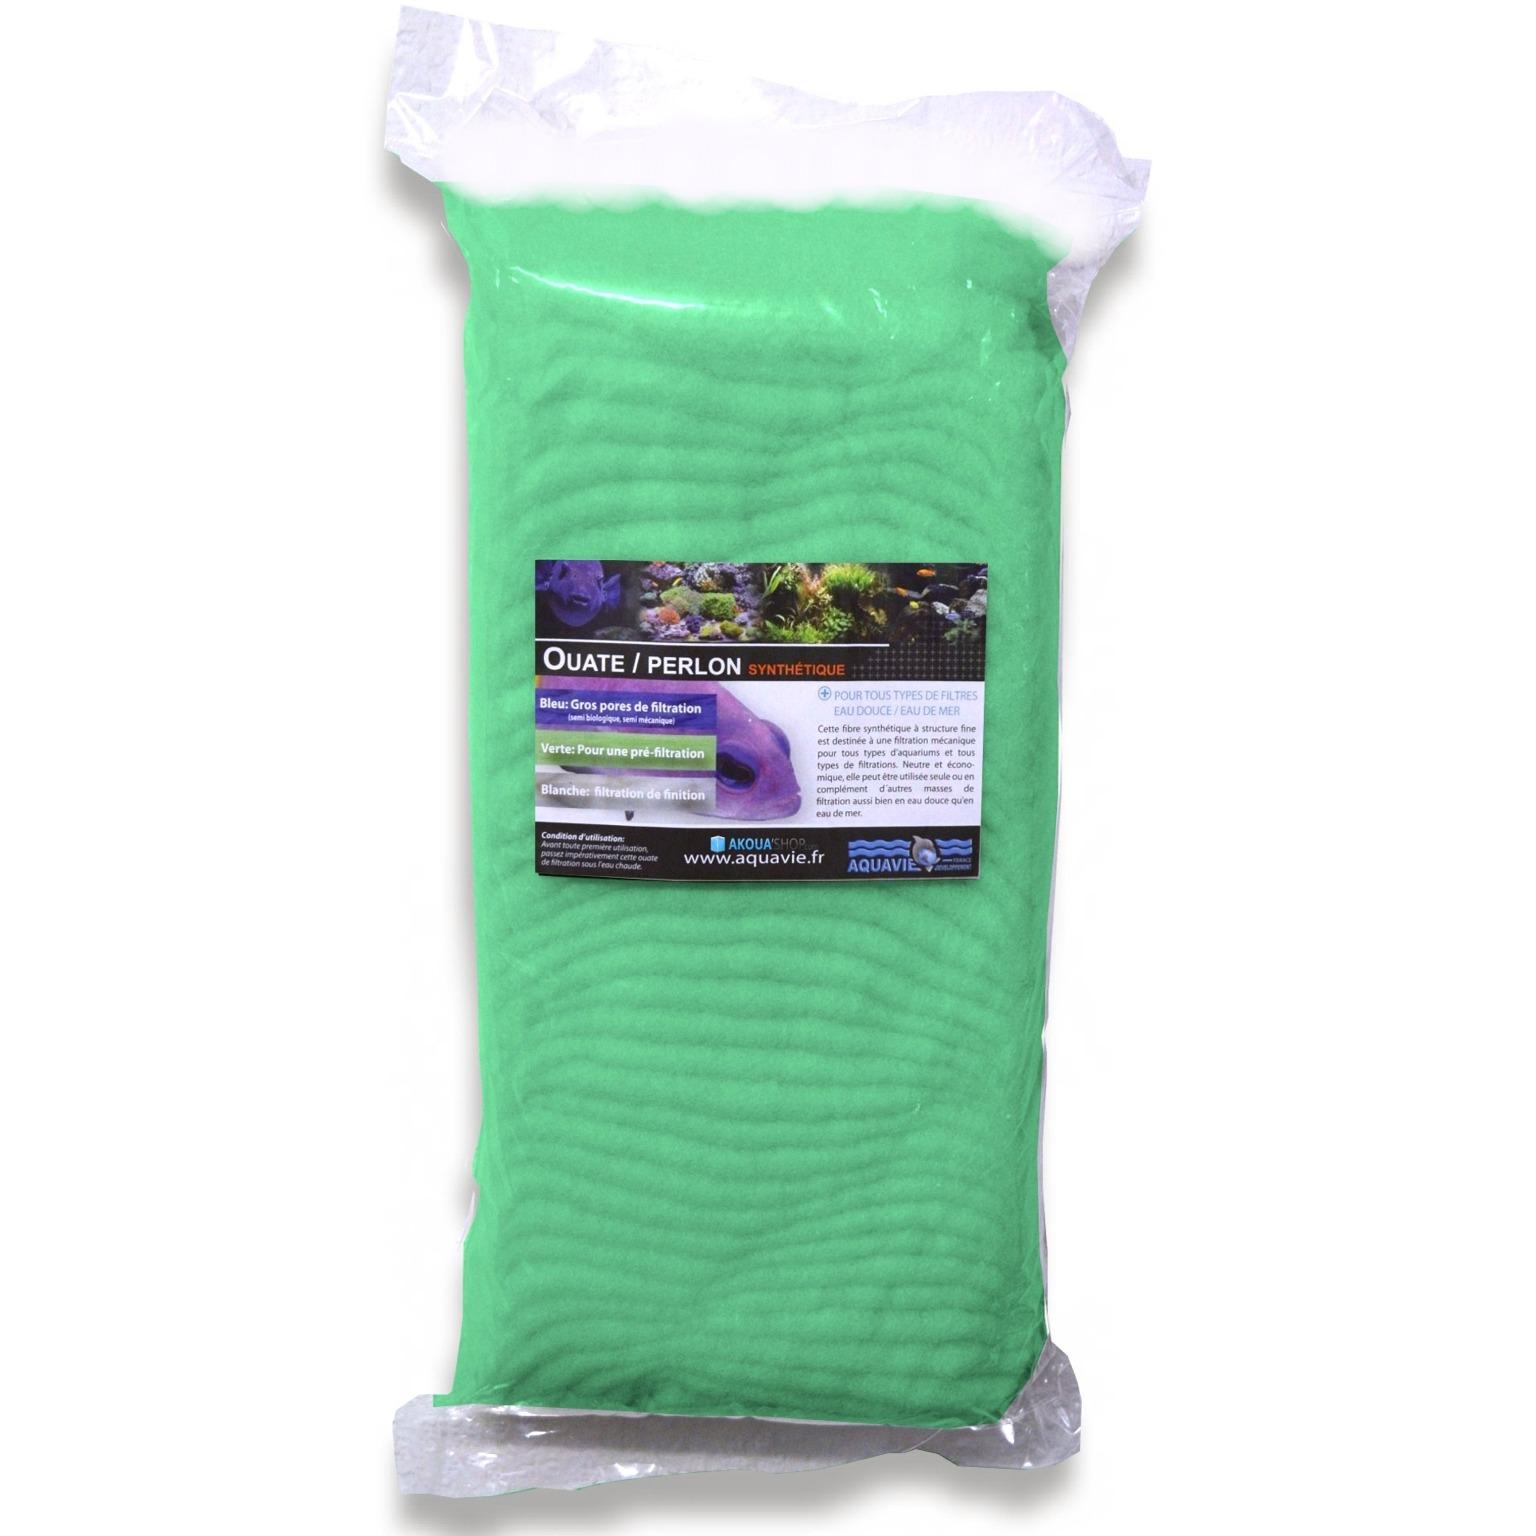 AQUAVIE Ouate verte 500 gr spéciale pré-filtration pour aquarium d\'eau douce et d\'eau de mer